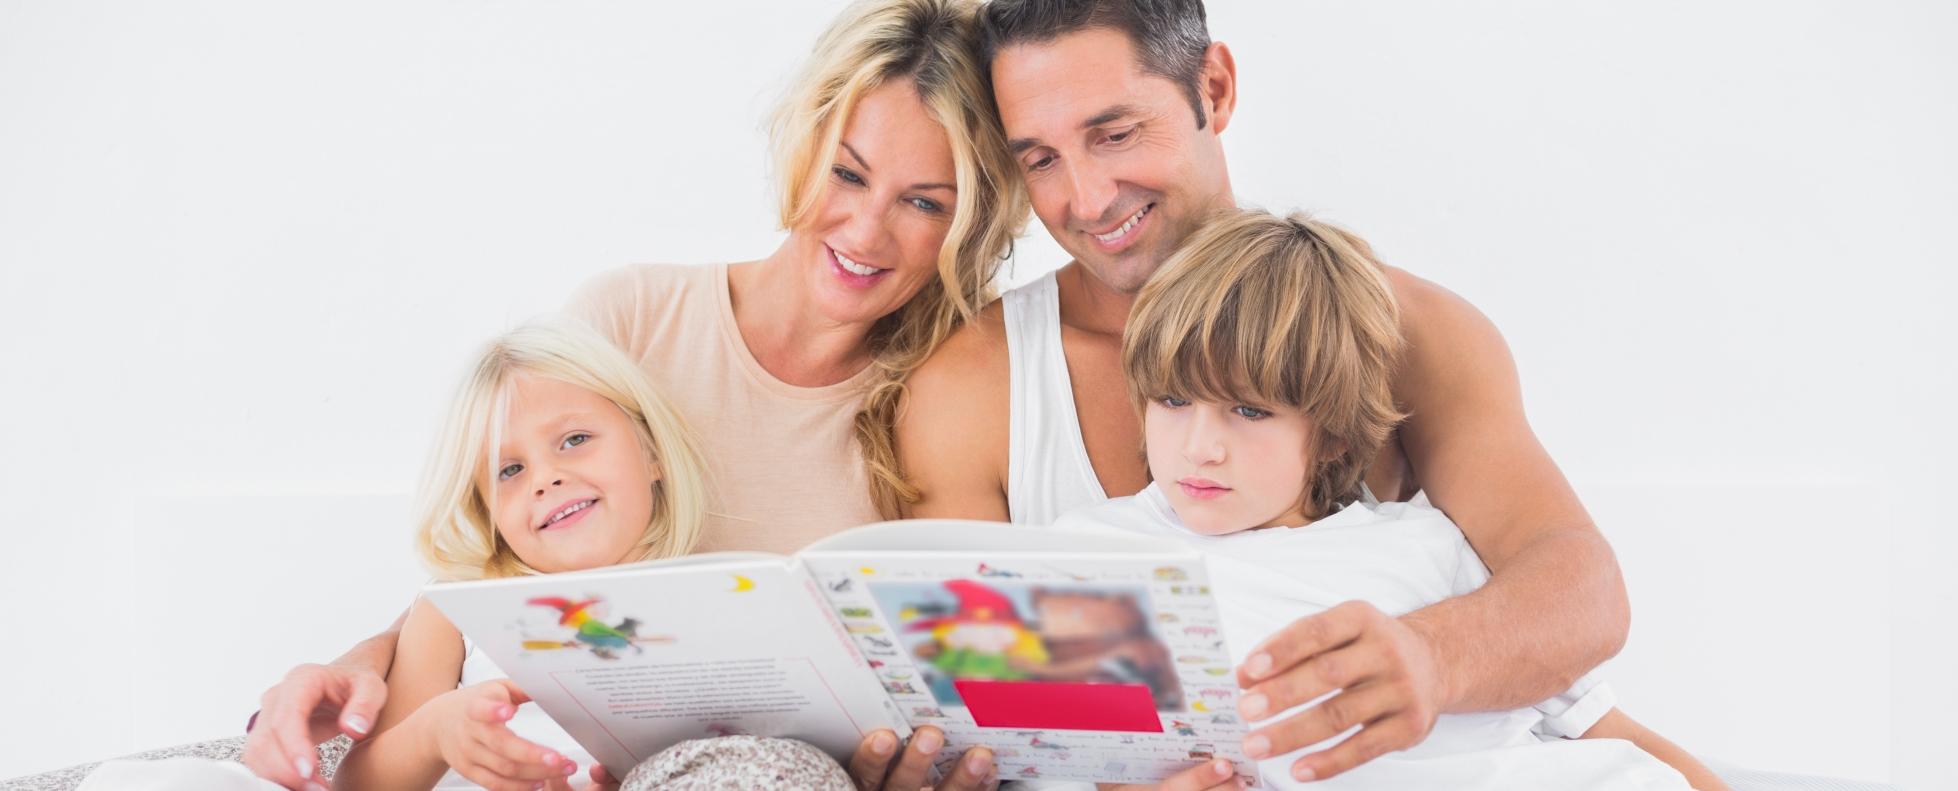 Nem mindegy, milyen mesekönyvet kapnak a gyerekek